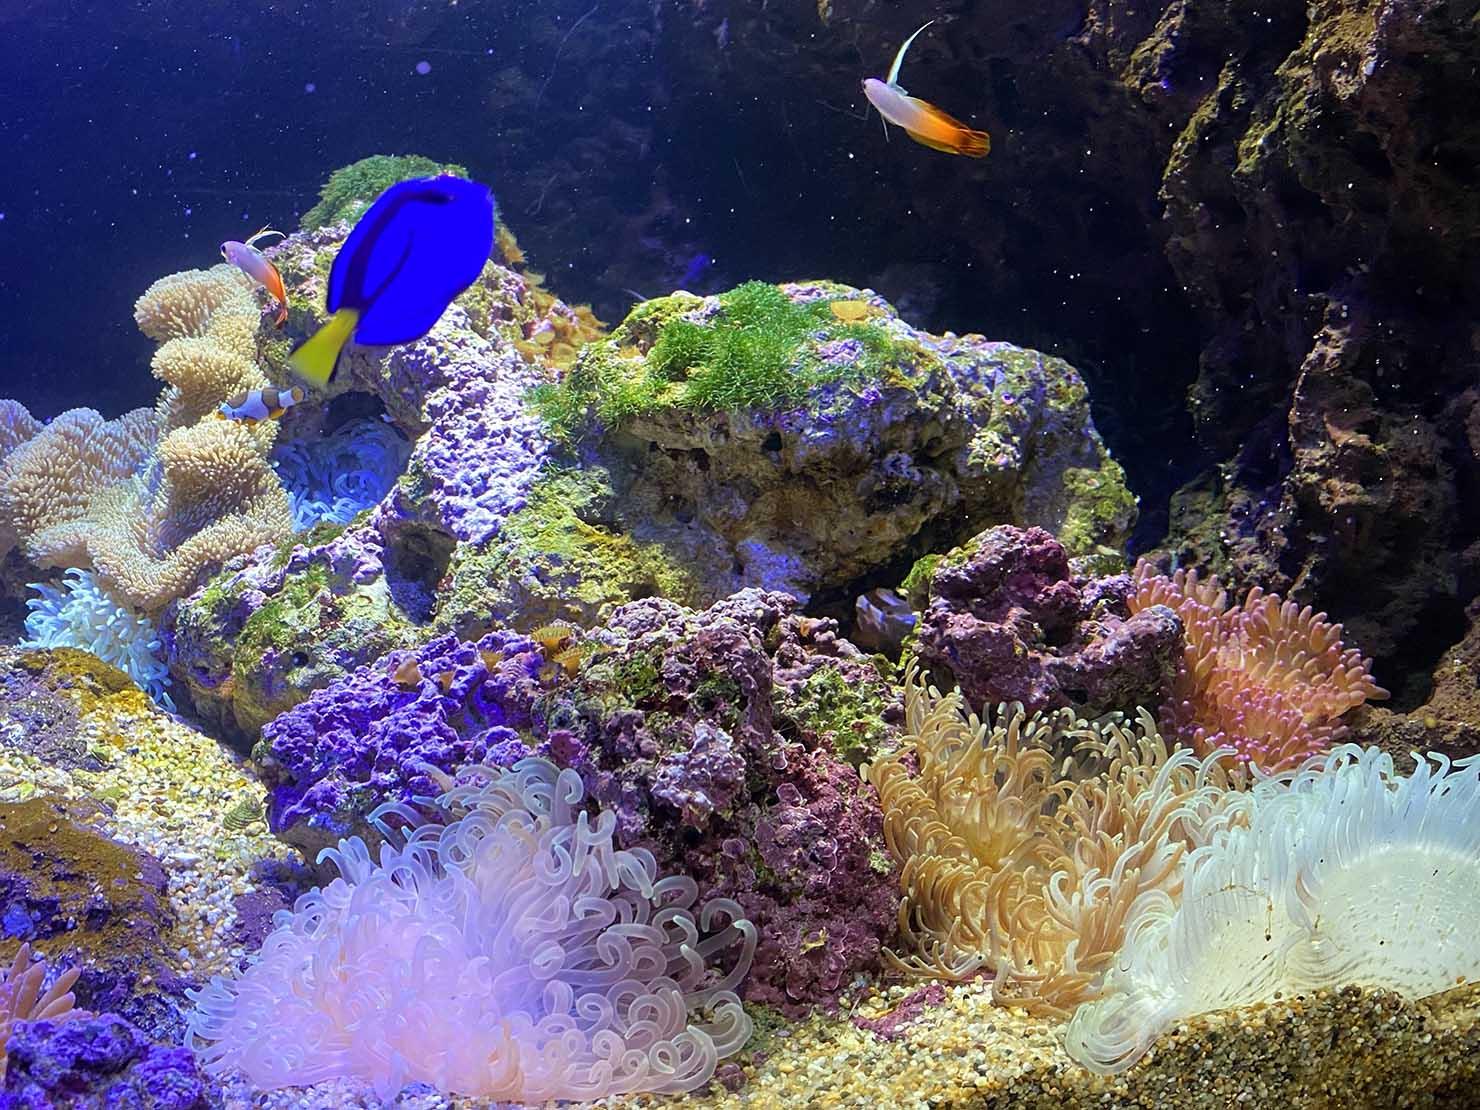 台北に誕生した都市型水族館「Xpark」内エリア「珊瑚潛行」の珊瑚